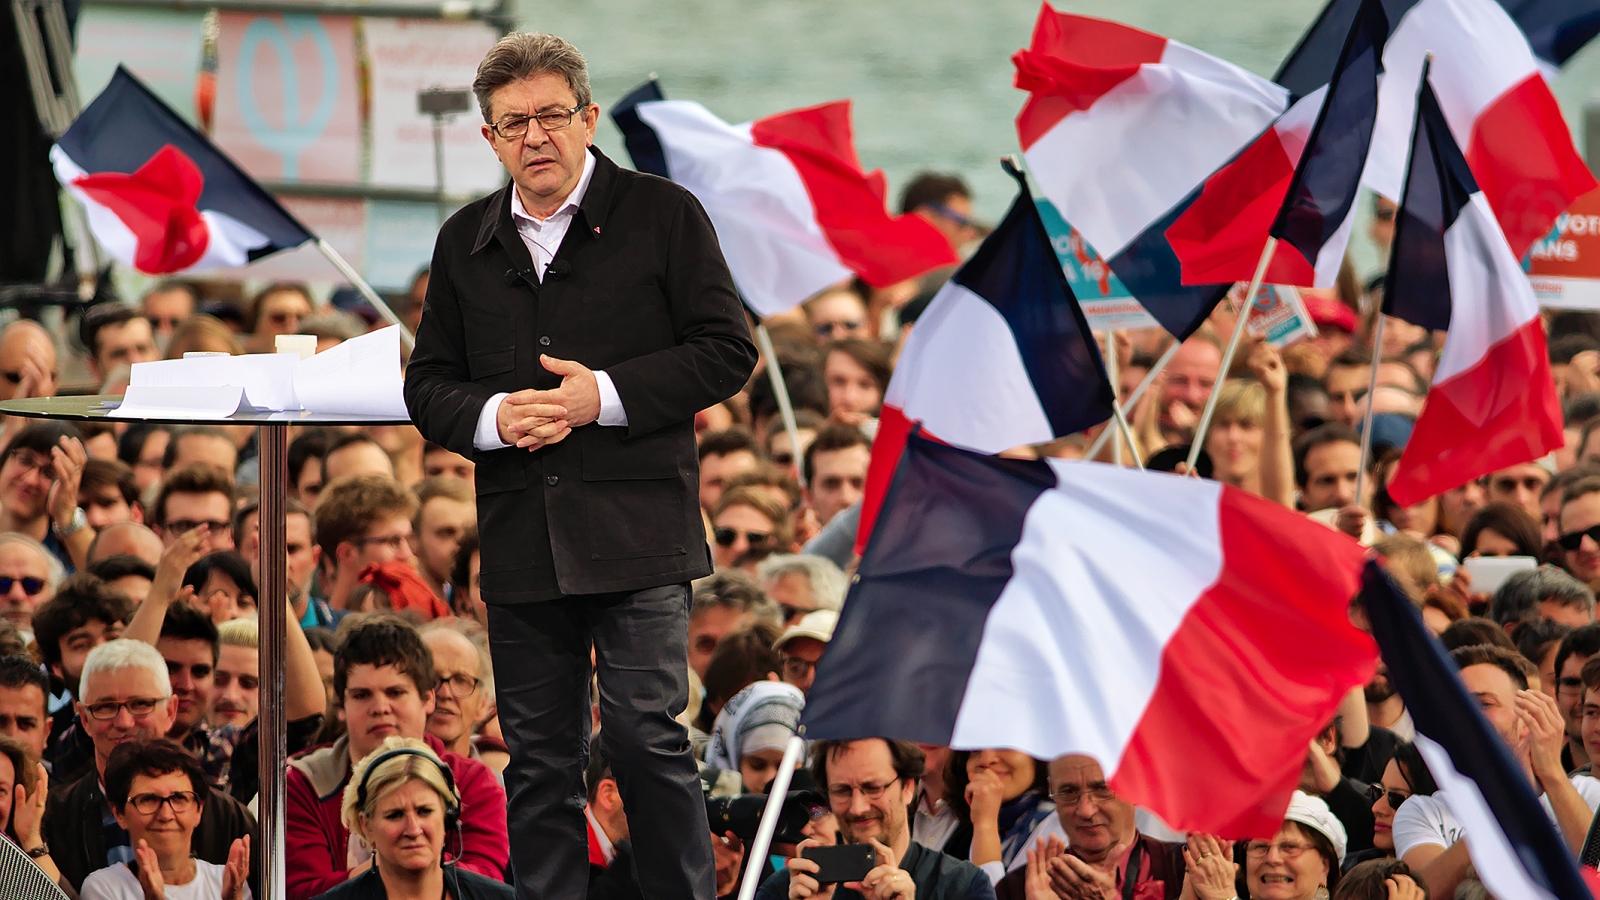 Jean-Luc Mélenchon, kandidat for partiet La France insoumise.